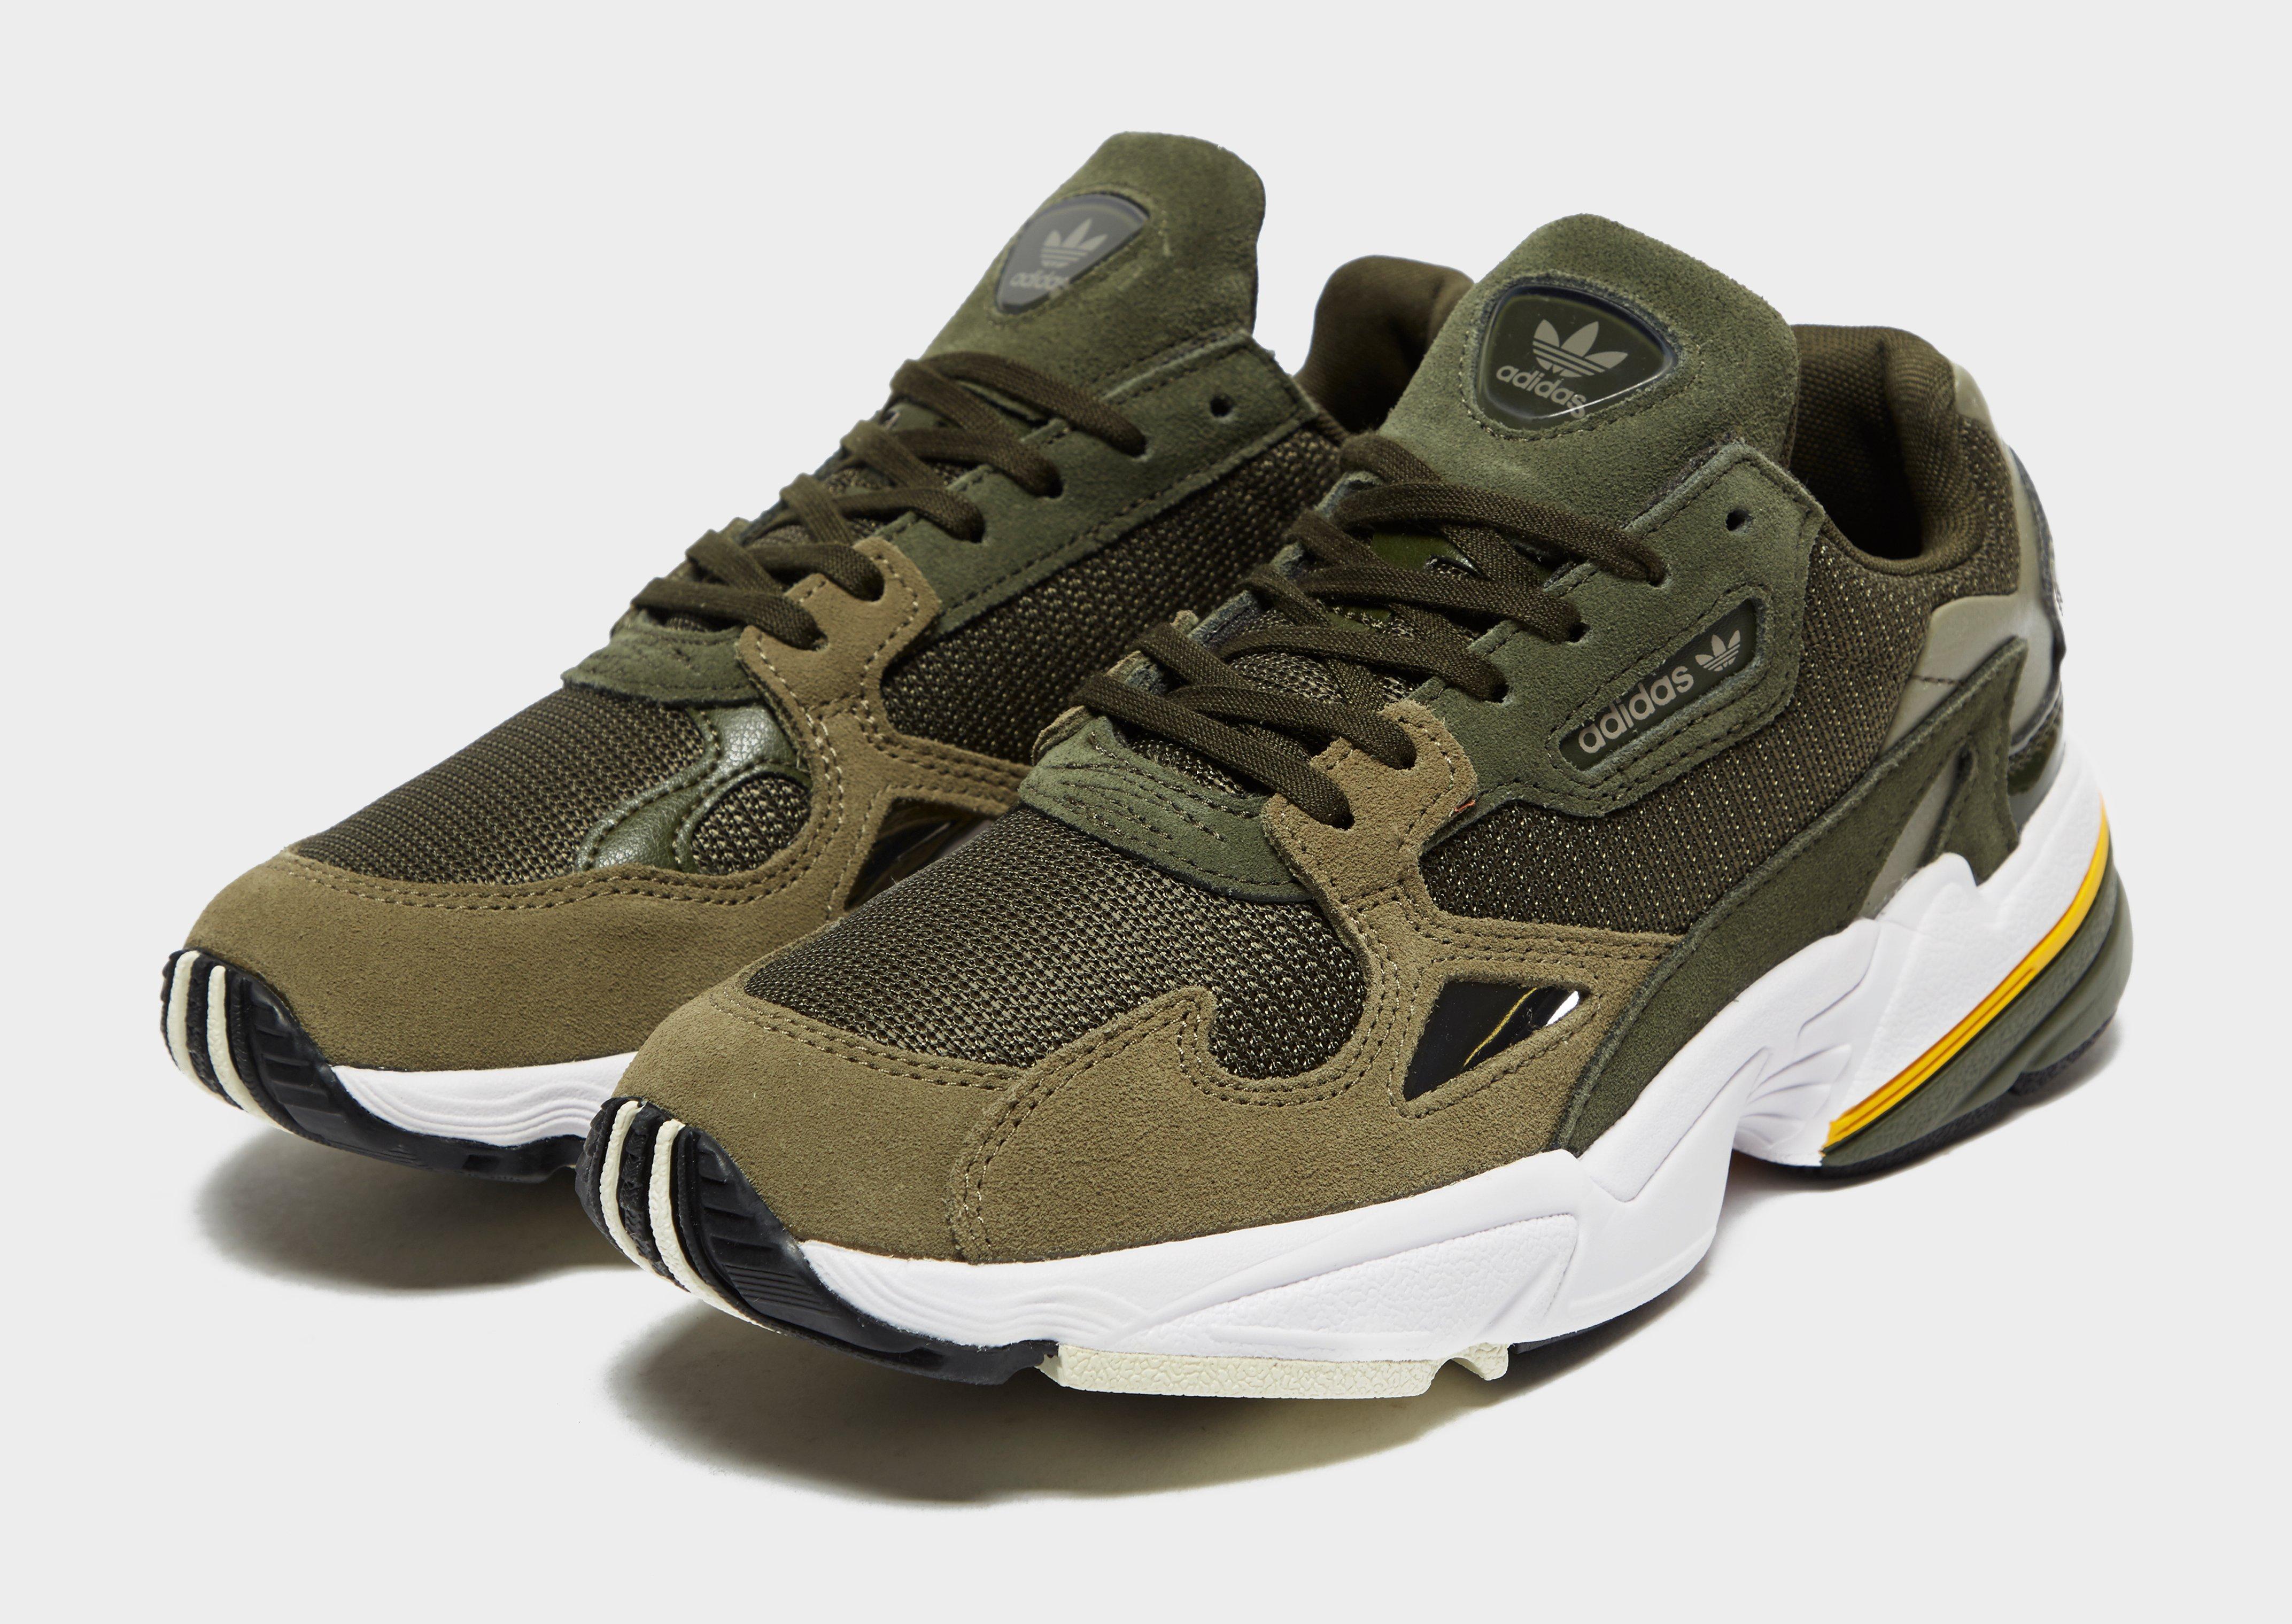 Burlas fuerte alabanza  adidas falcon verdes mujer - Tienda Online de Zapatos, Ropa y Complementos  de marca